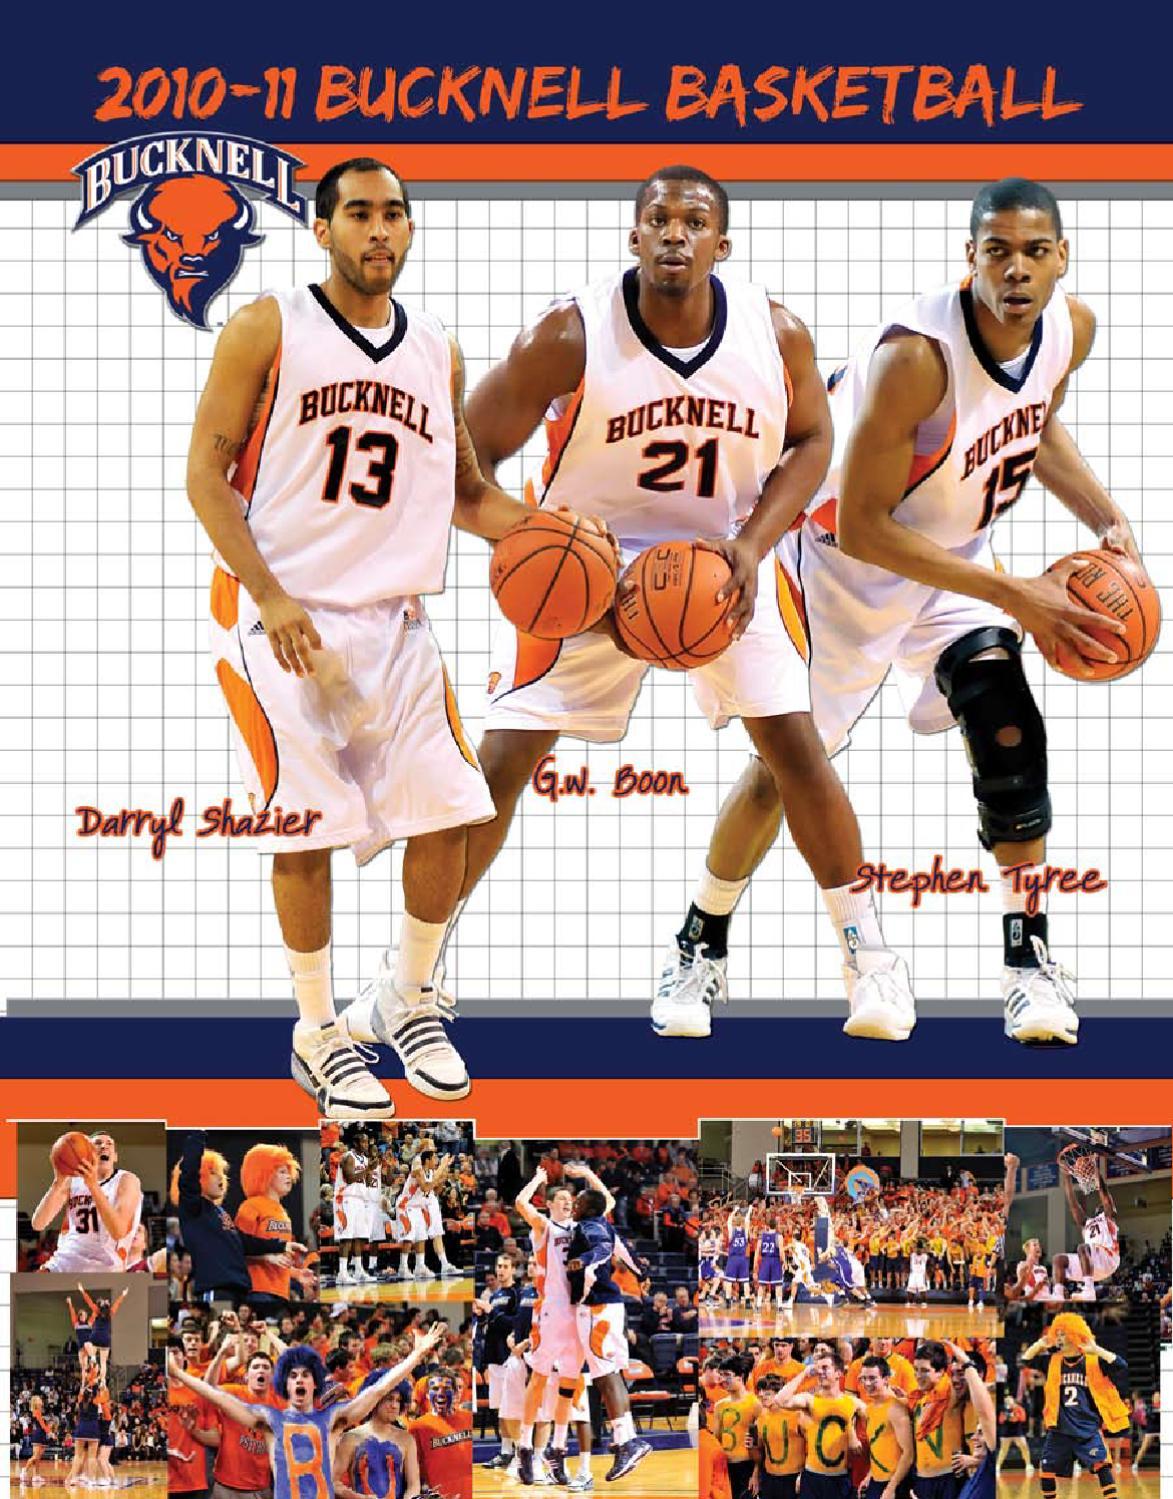 57208e6e8ea 2010-11 Bucknell Men's Basketball Media Guide by Bucknell University - issuu